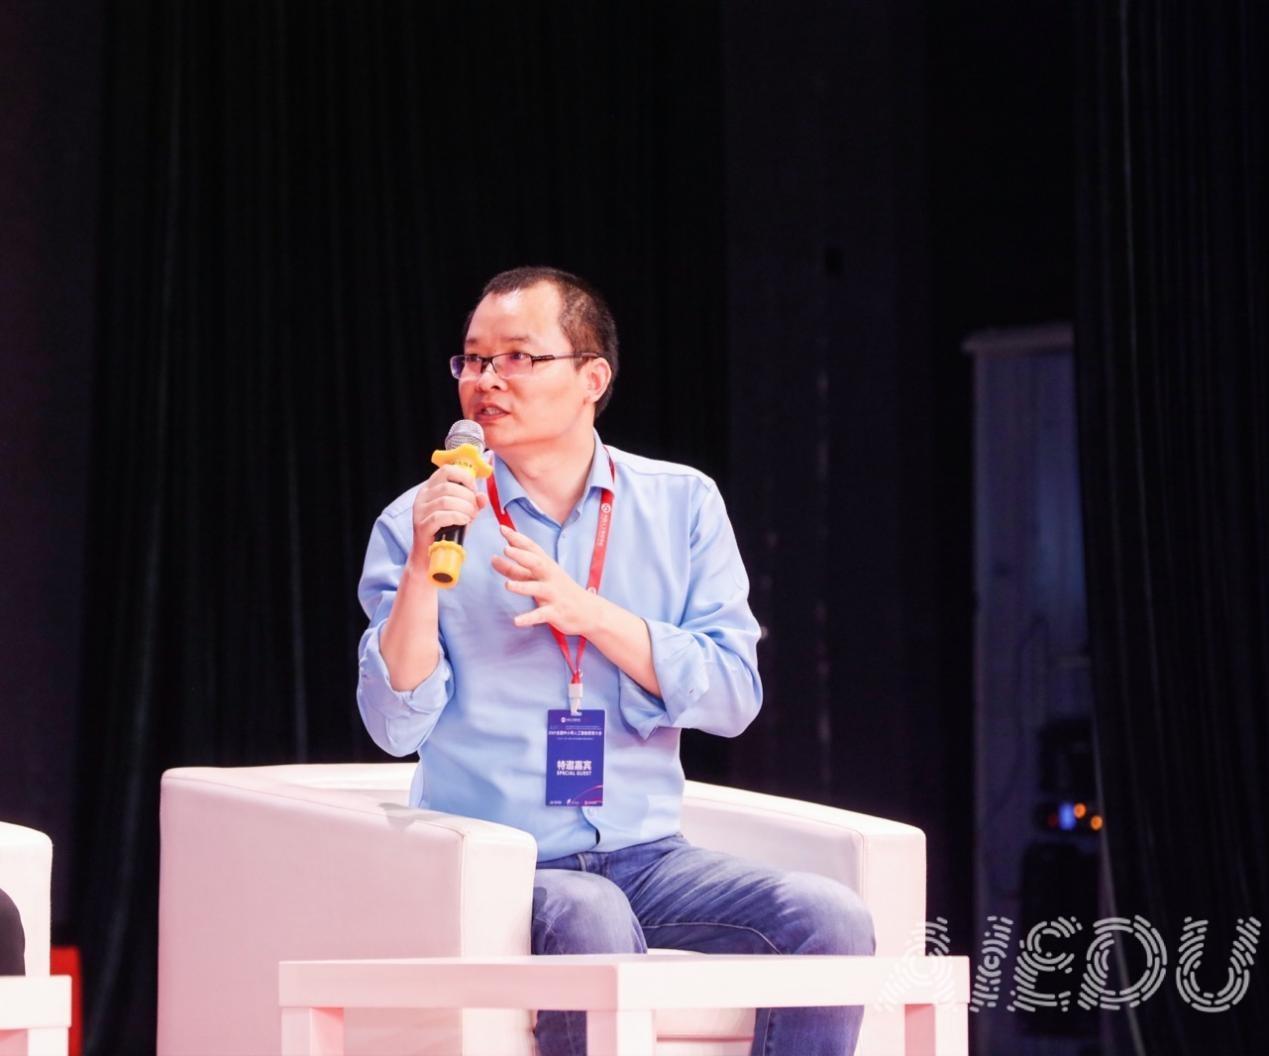 童程童美孙莹出席AIEDU大会,为中小学科技素质教育带来思考和解决方案